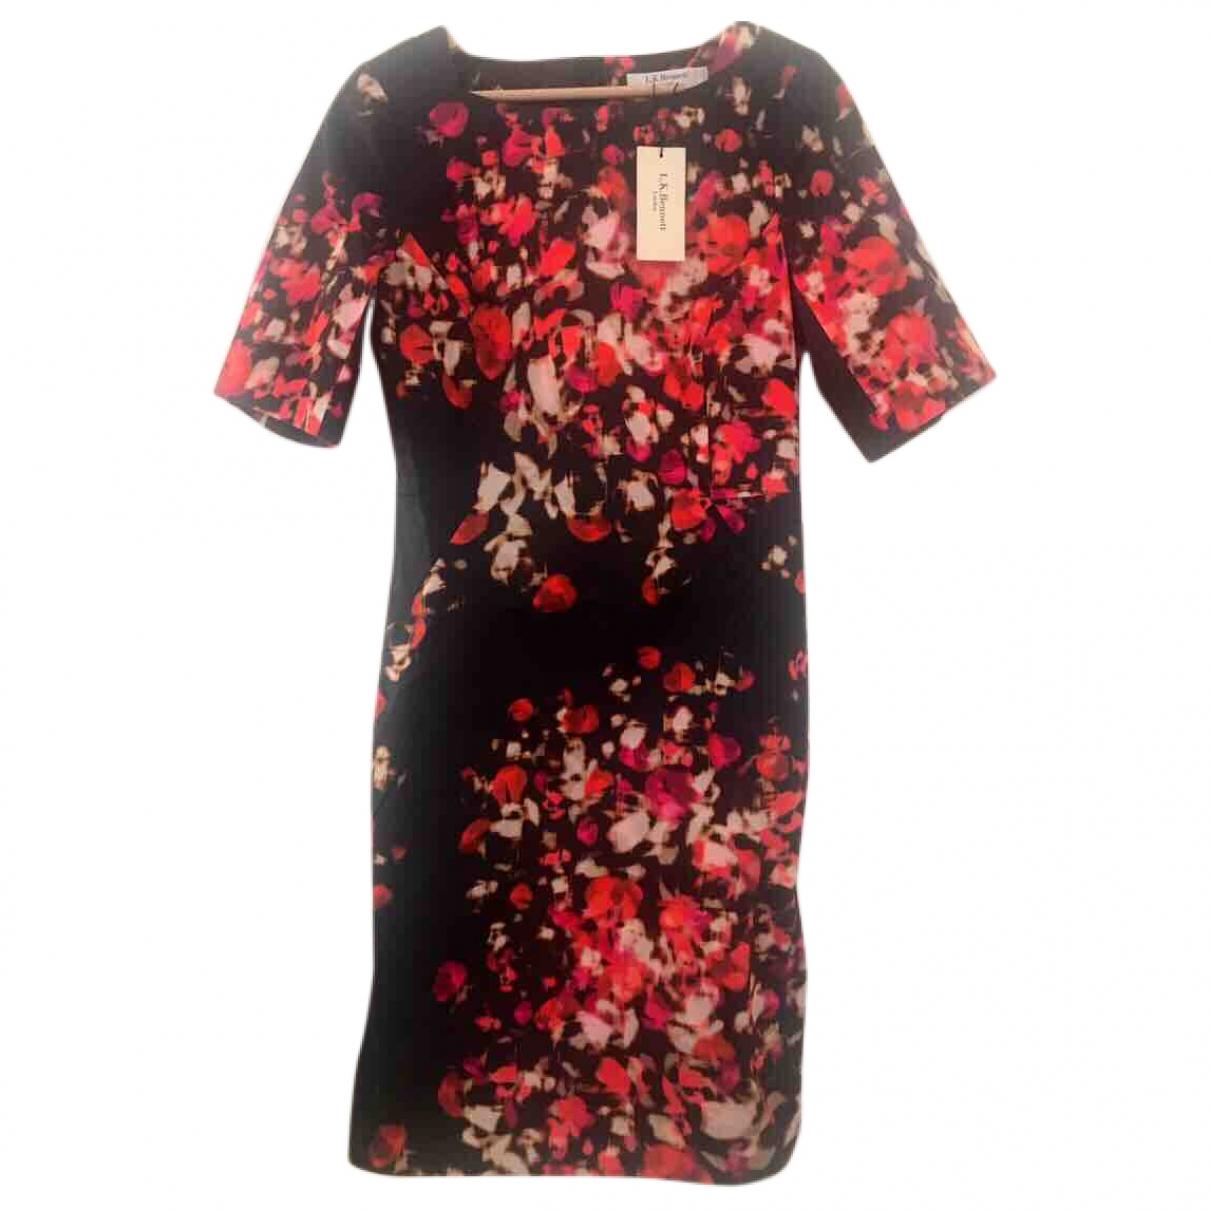 Lk Bennett \N Multicolour Cotton dress for Women 8 UK